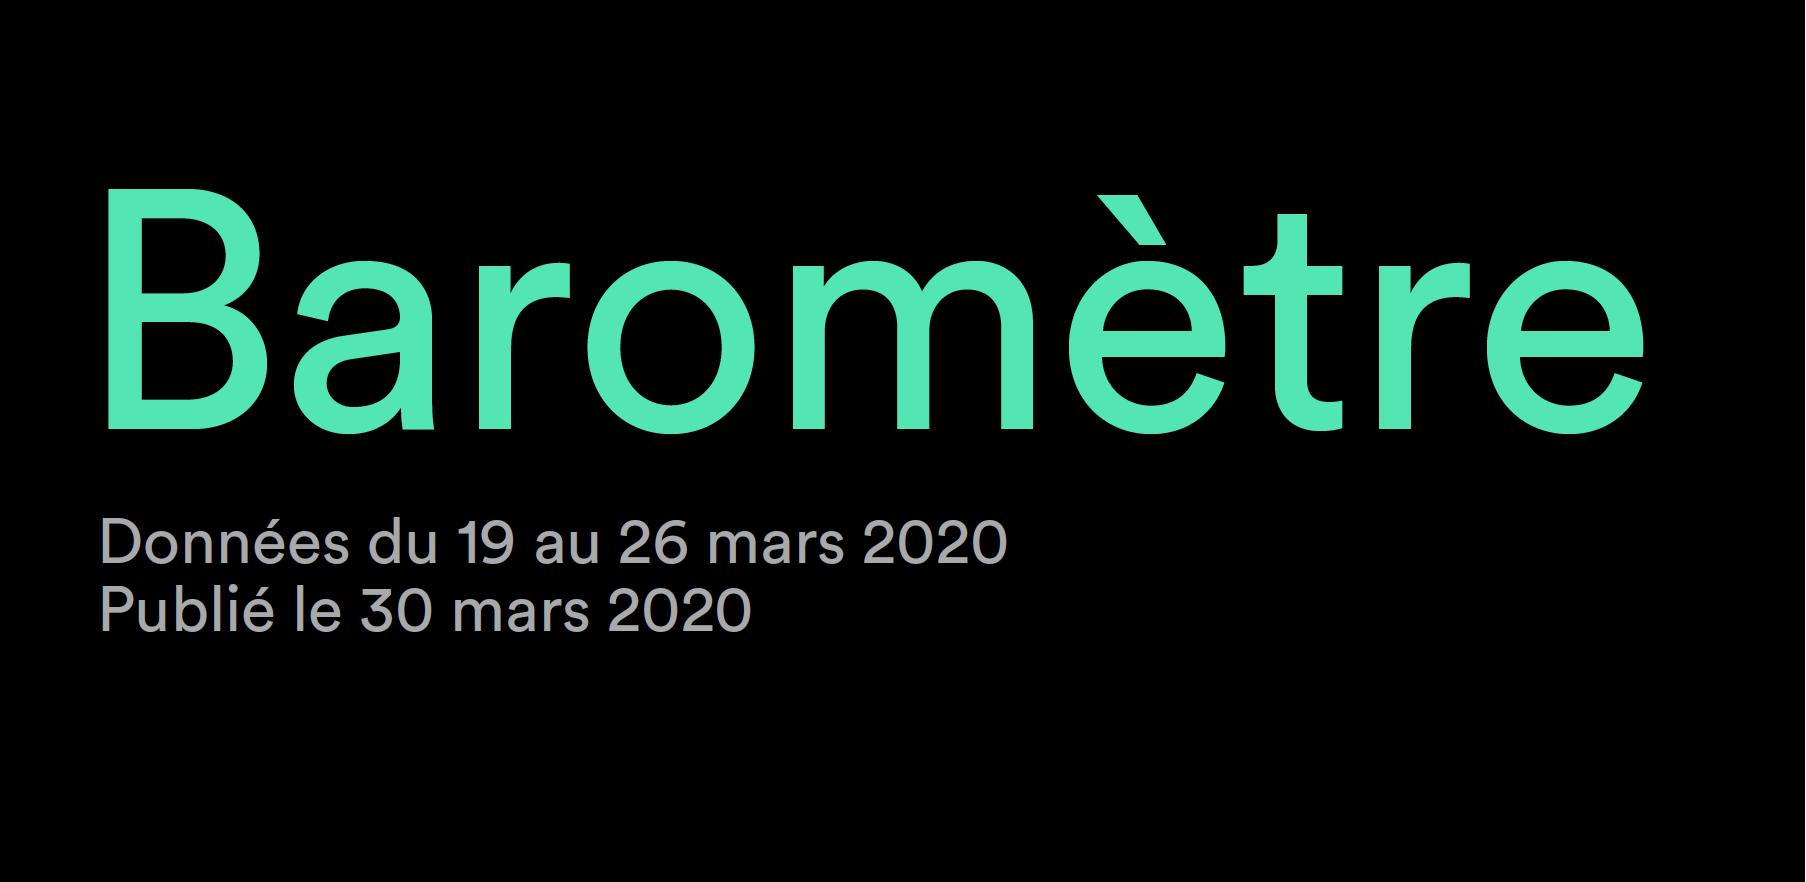 Le Baromètre startup du 30 mars 2020 est disponible